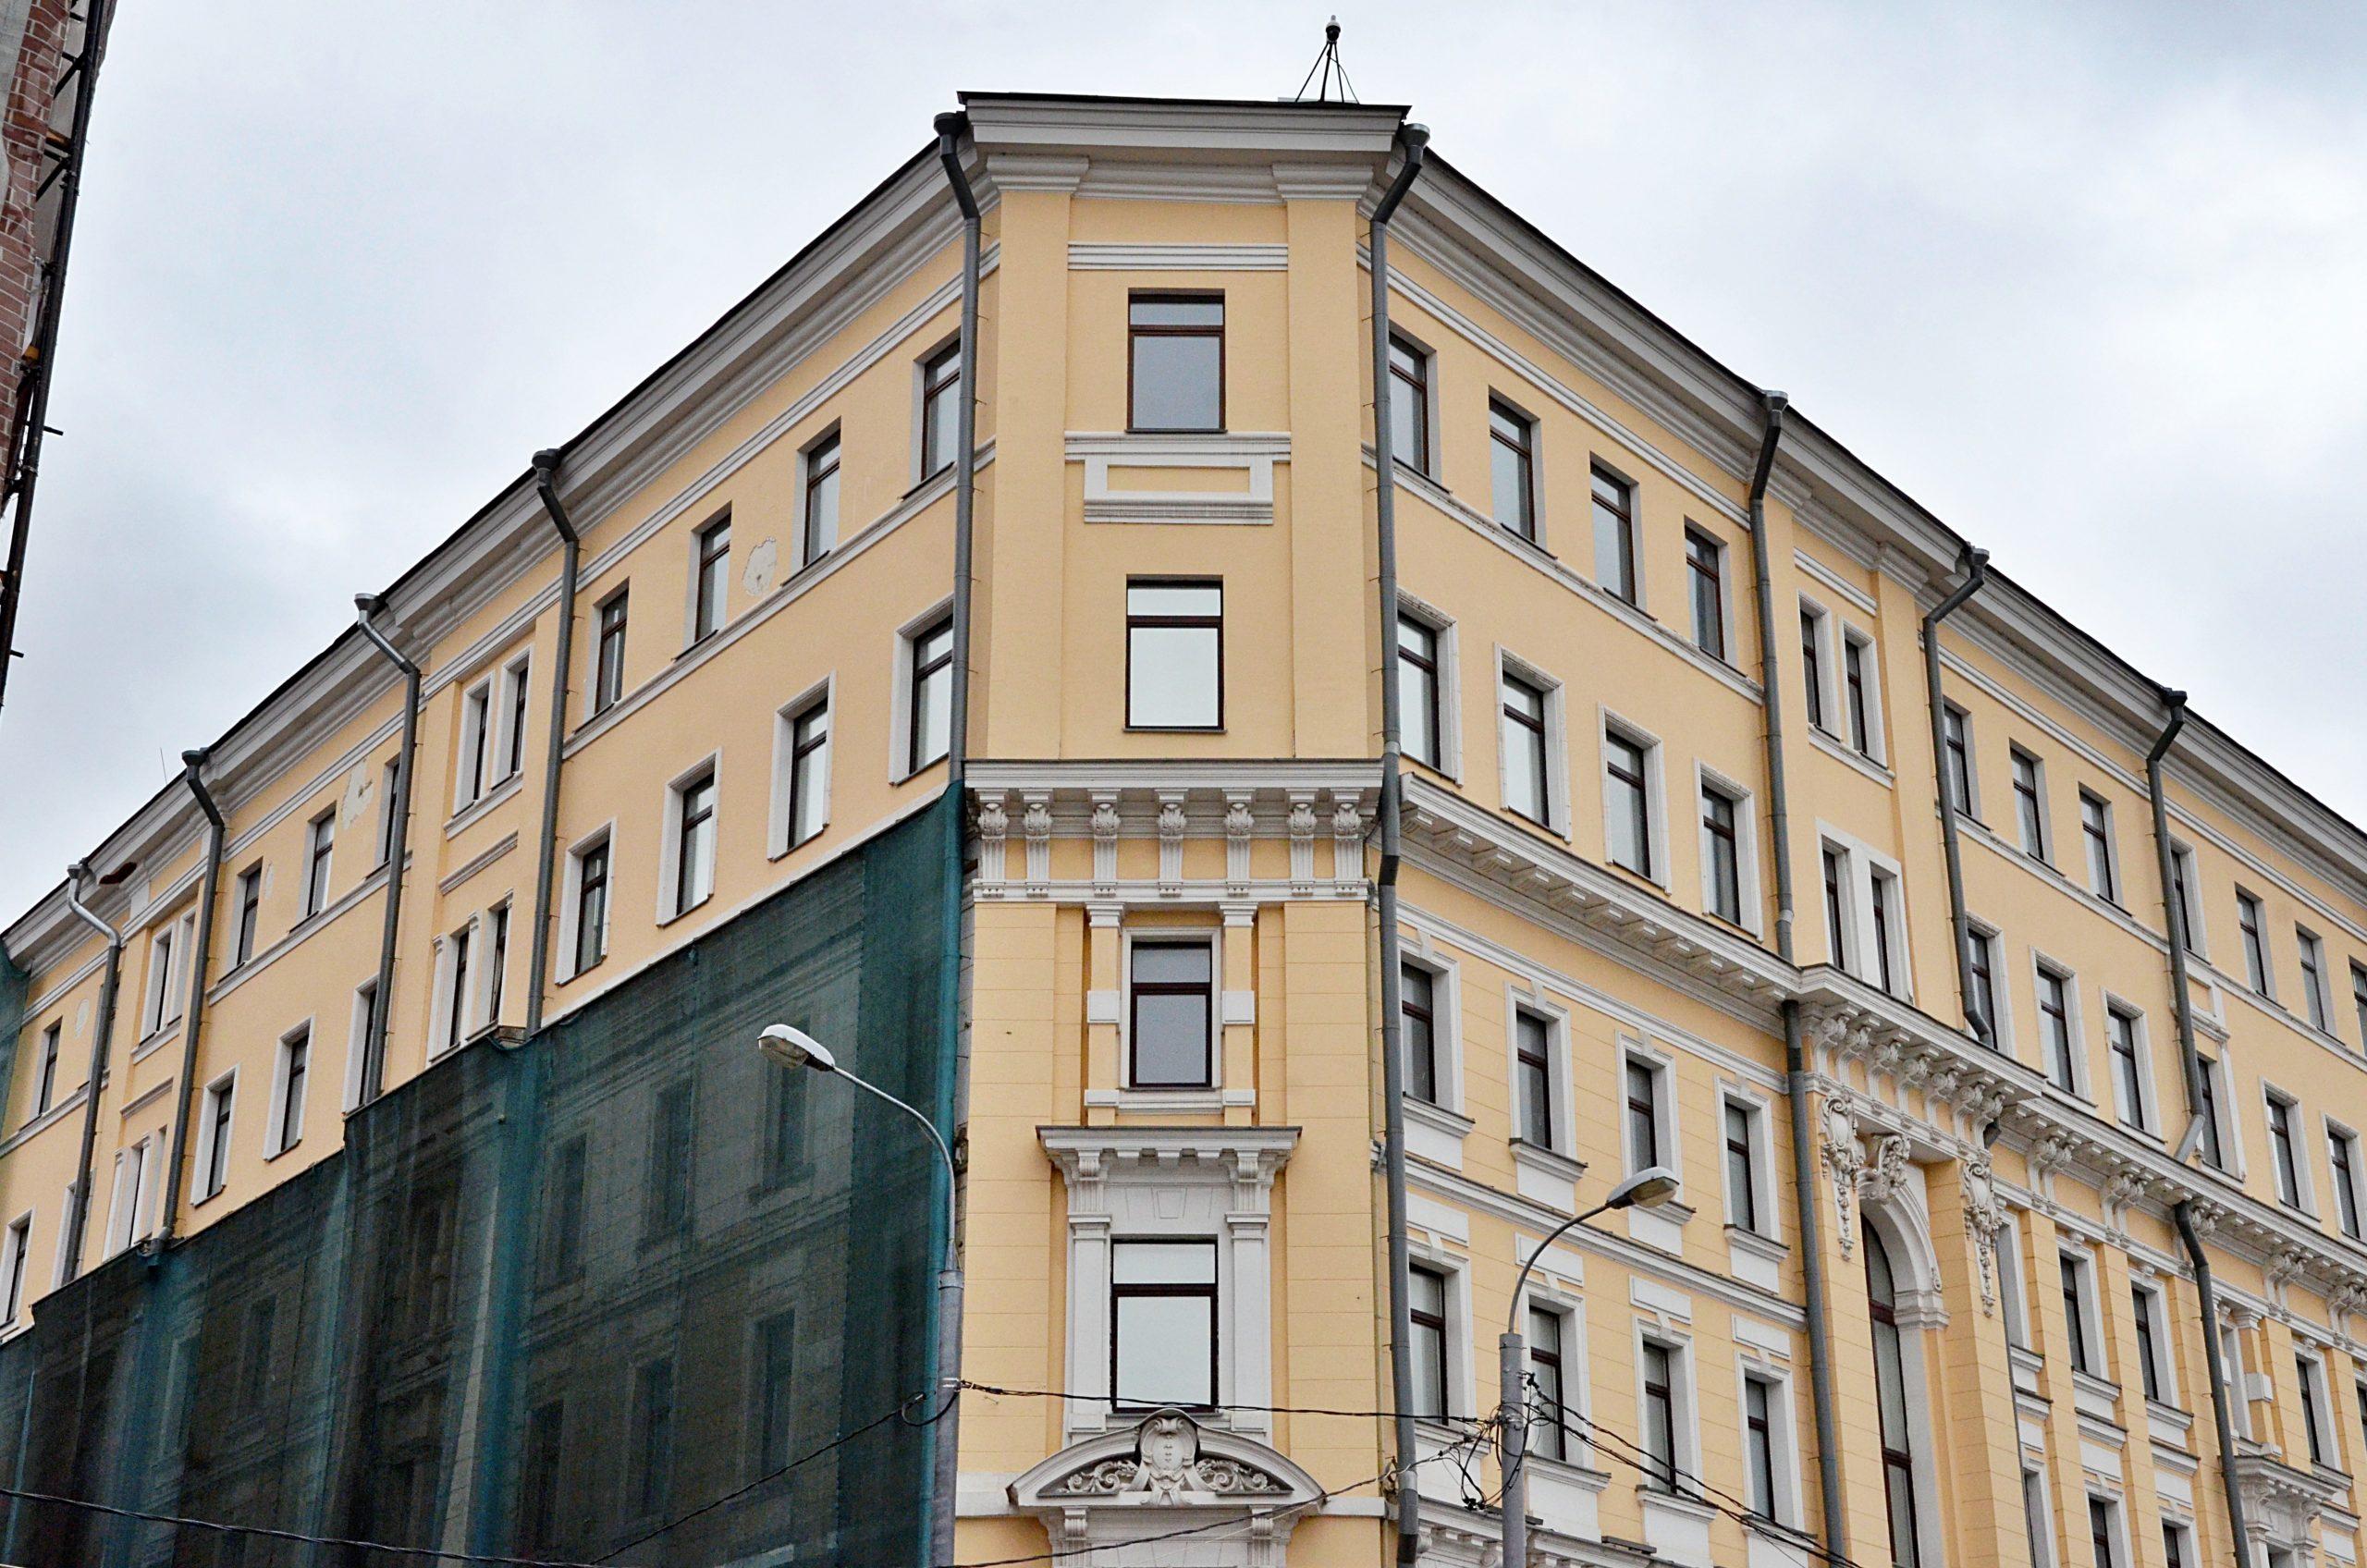 Административное здание в районе Замоскворечье отремонтируют. Фото: Анна Быкова